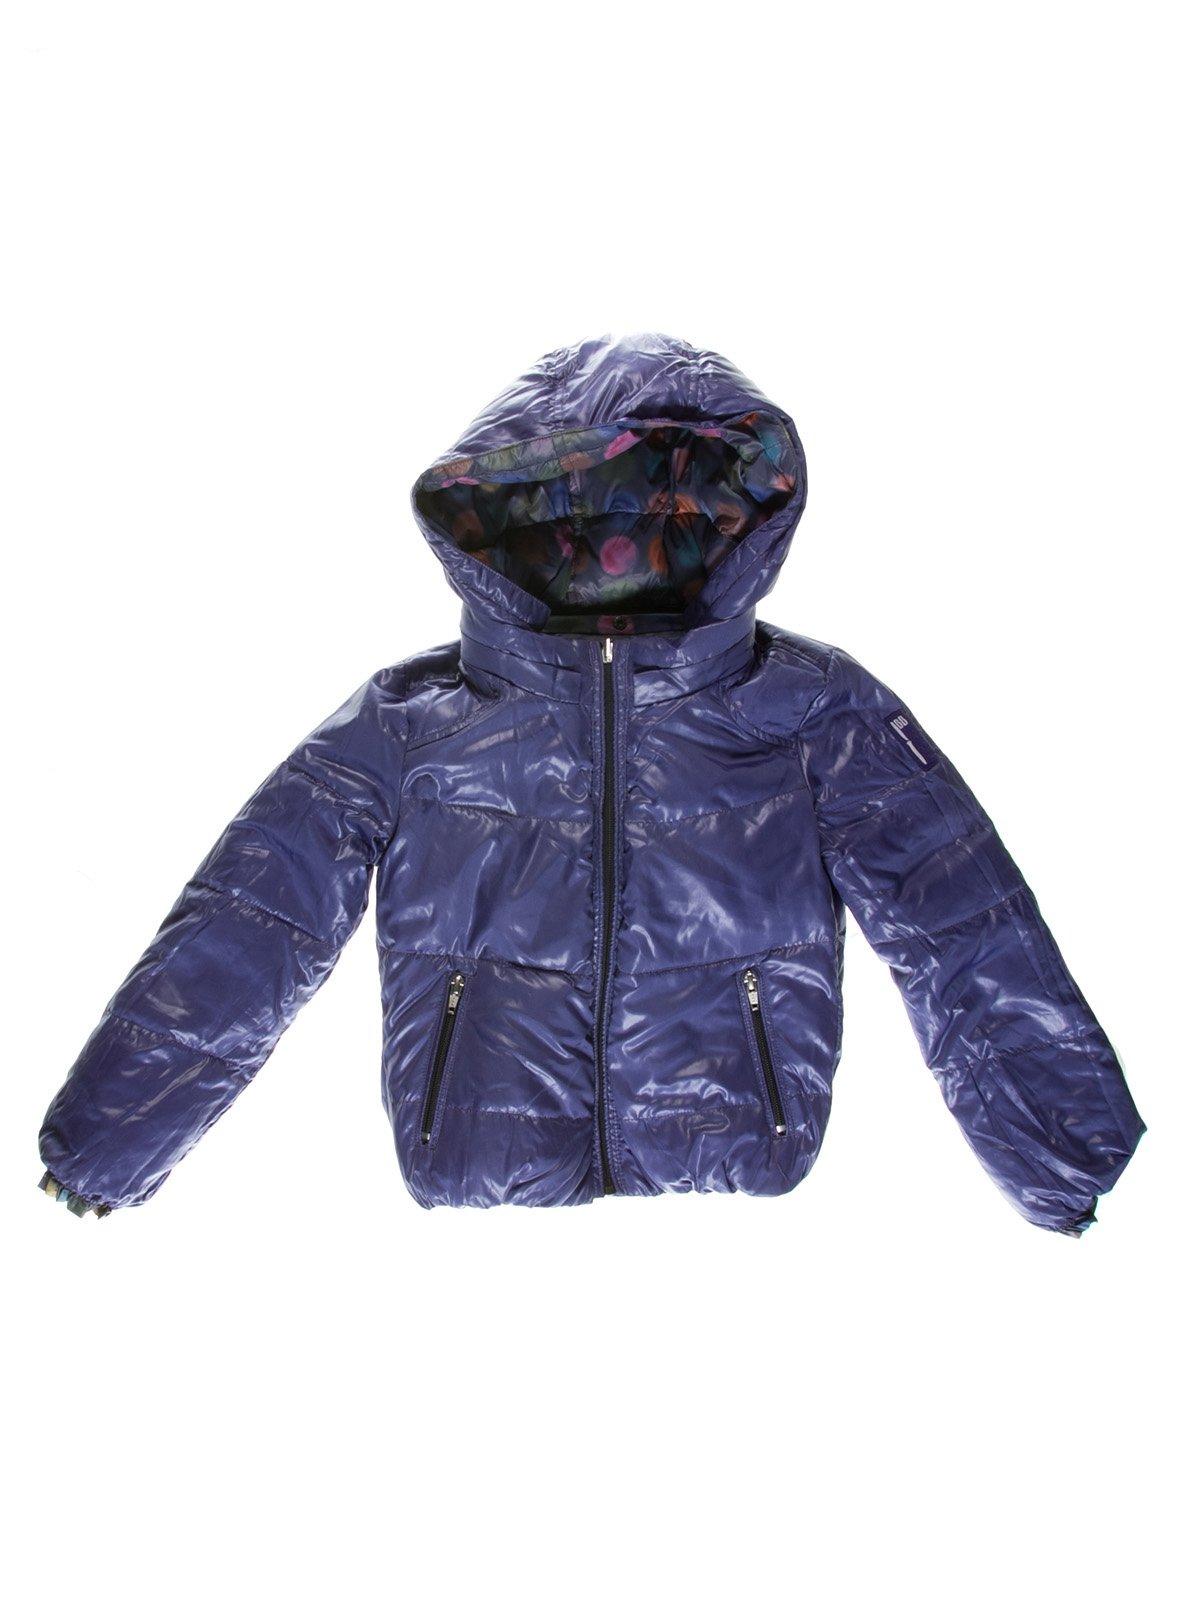 Куртка в горох | 3096714 | фото 3